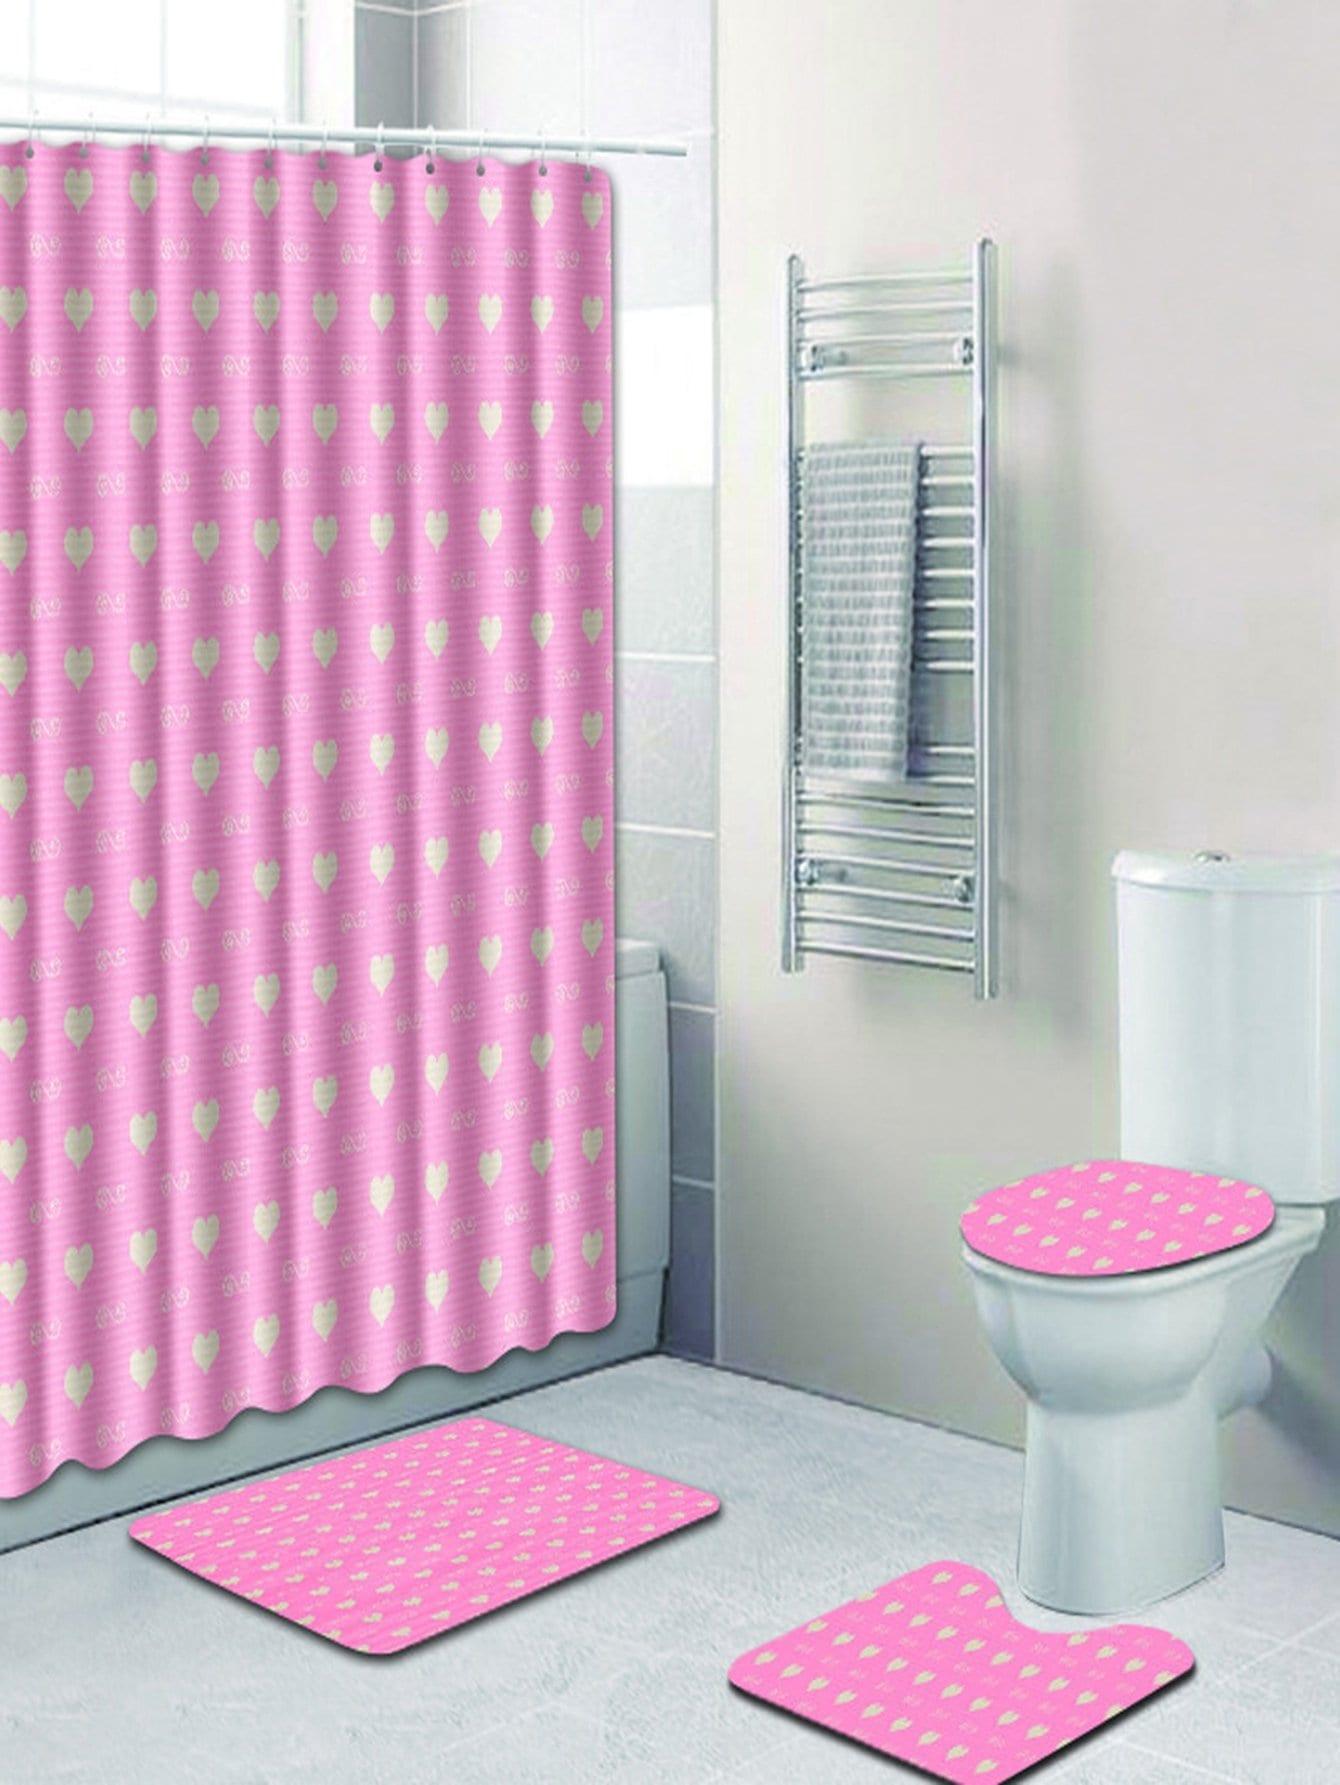 Купить 12 крючков душ шторы и ковер 3шт.с принтом сердец, null, SheIn